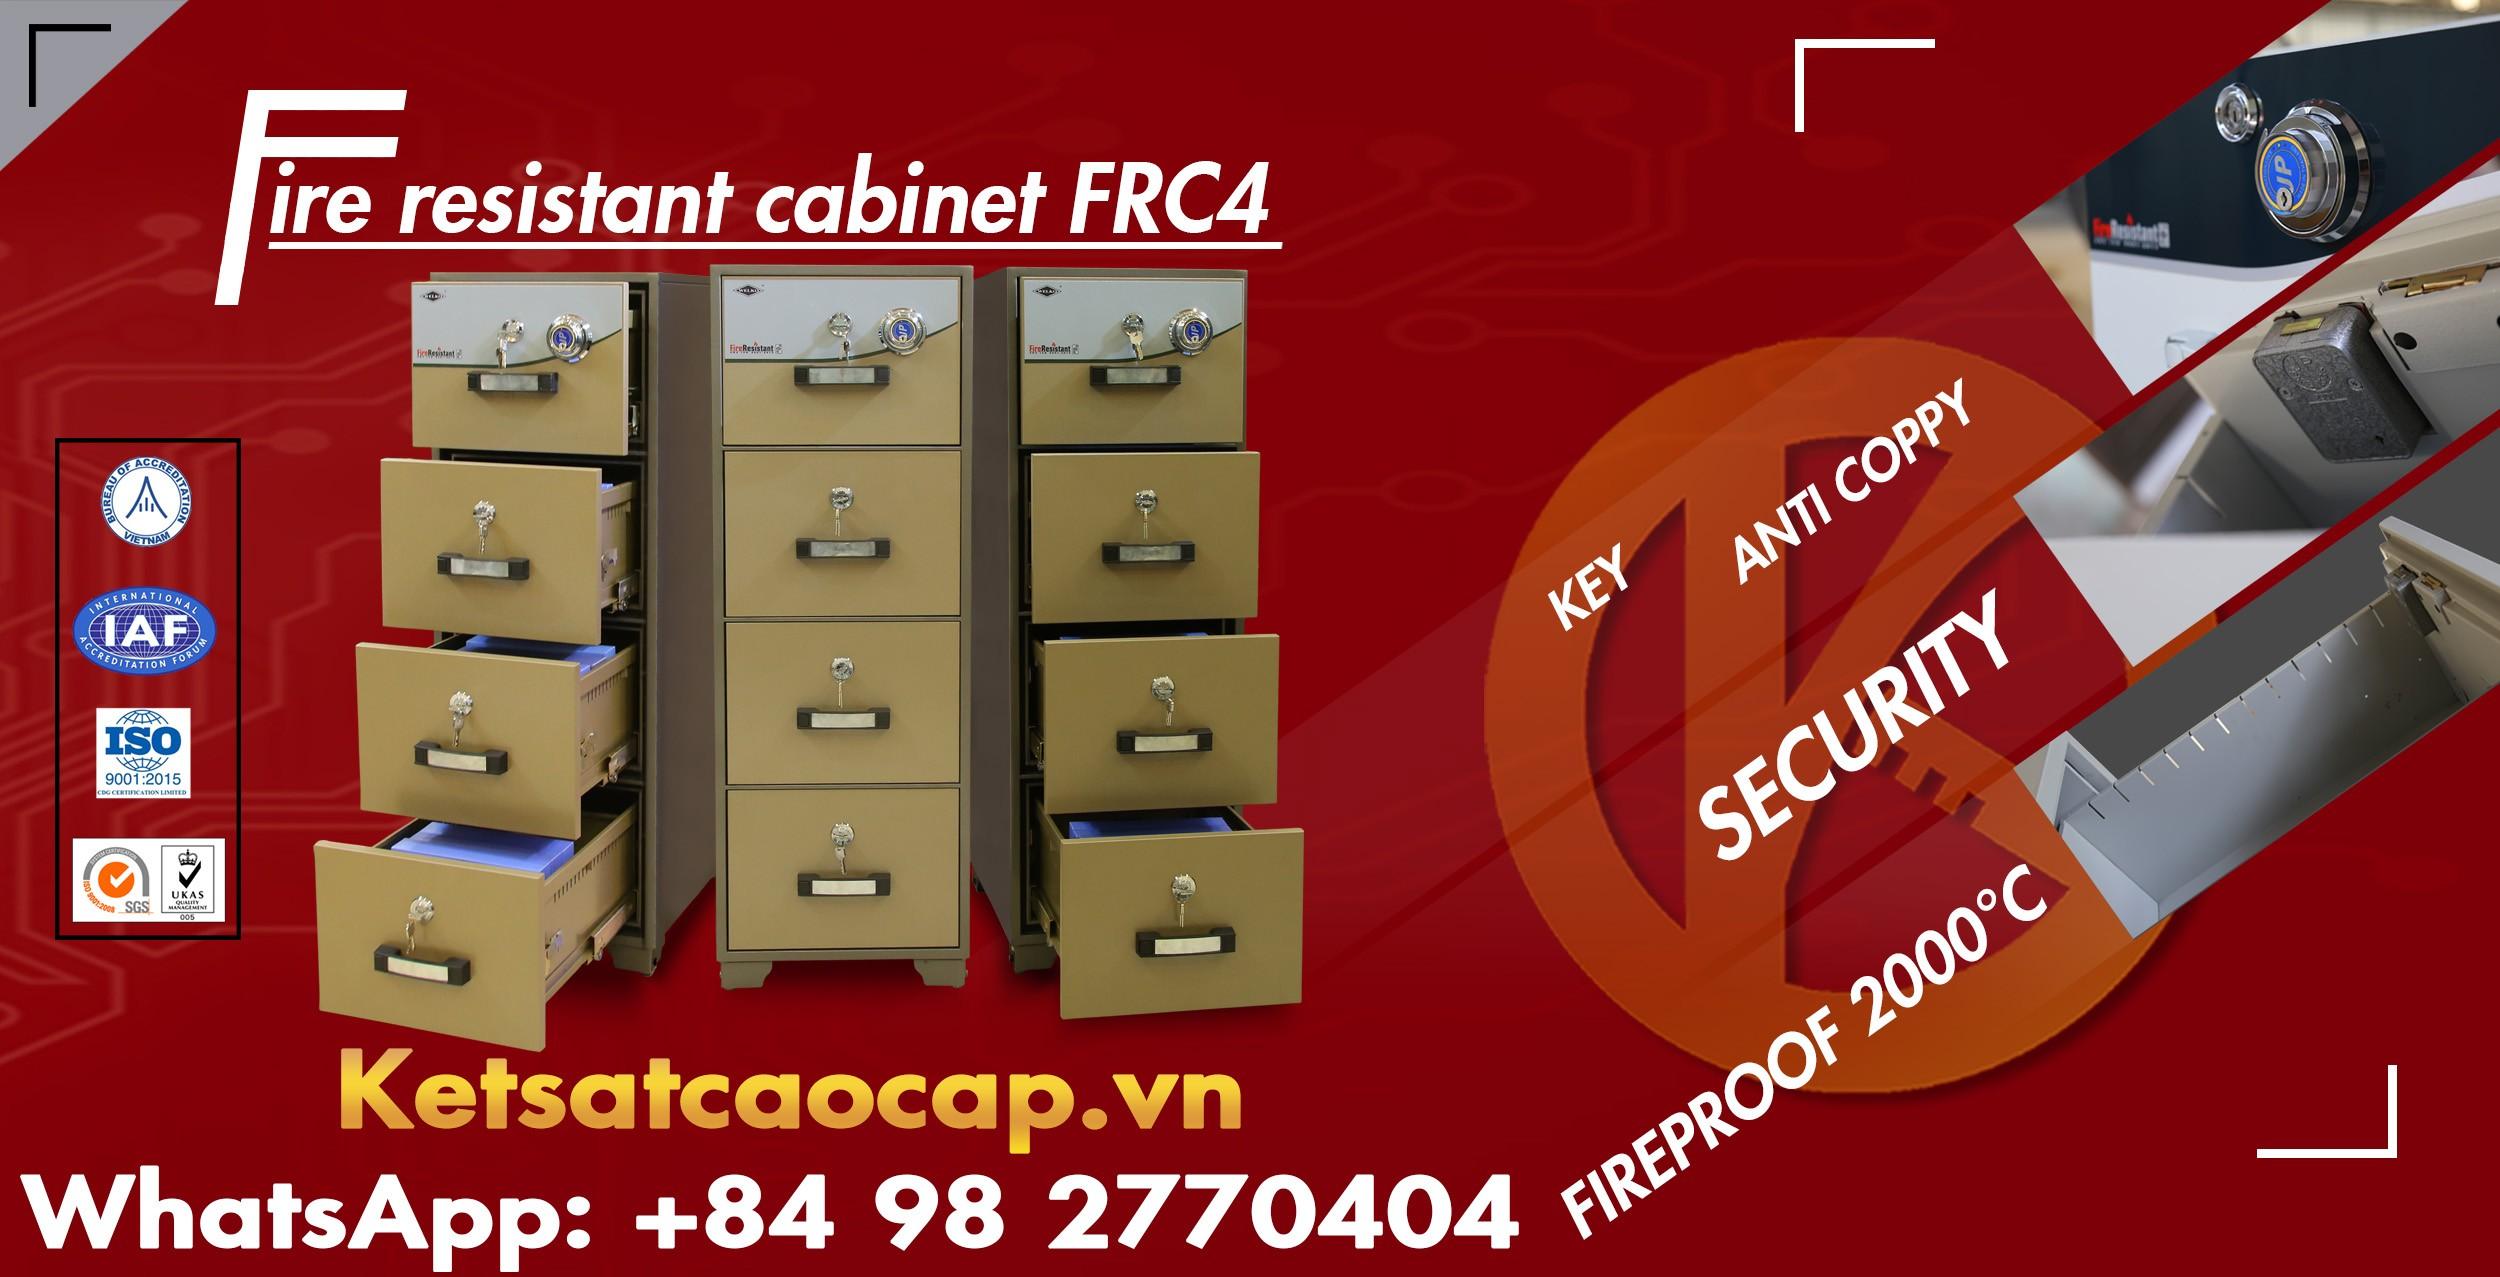 hình ảnh sản phẩm đại lý bán tủ hồ sơ ngân hàng tại hcm